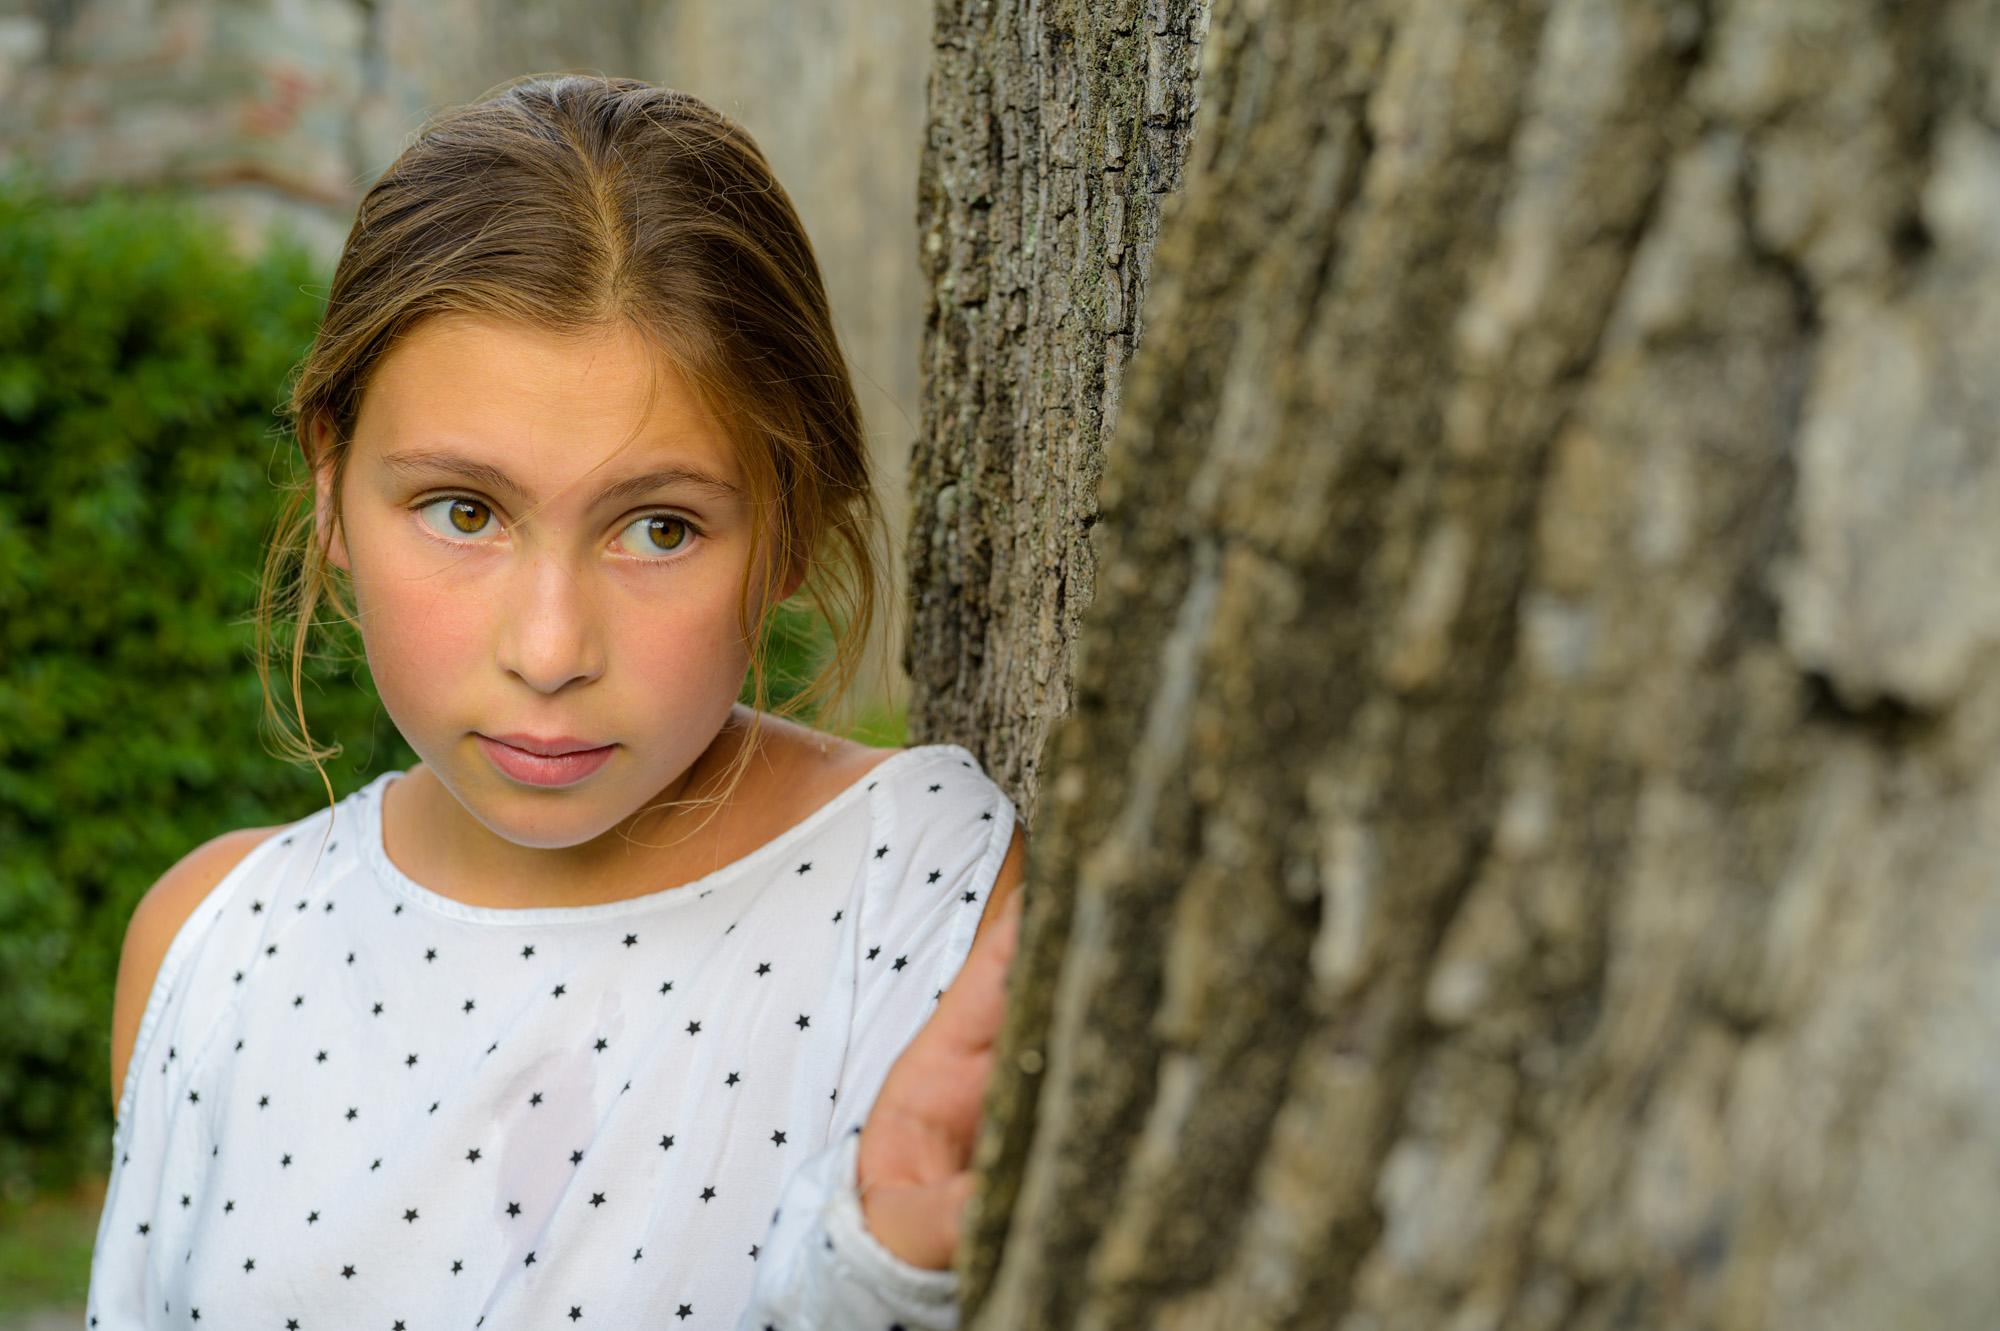 Kleine amatustra 2019 NZ6 7169 - Strickroth & Fiege Fotografie